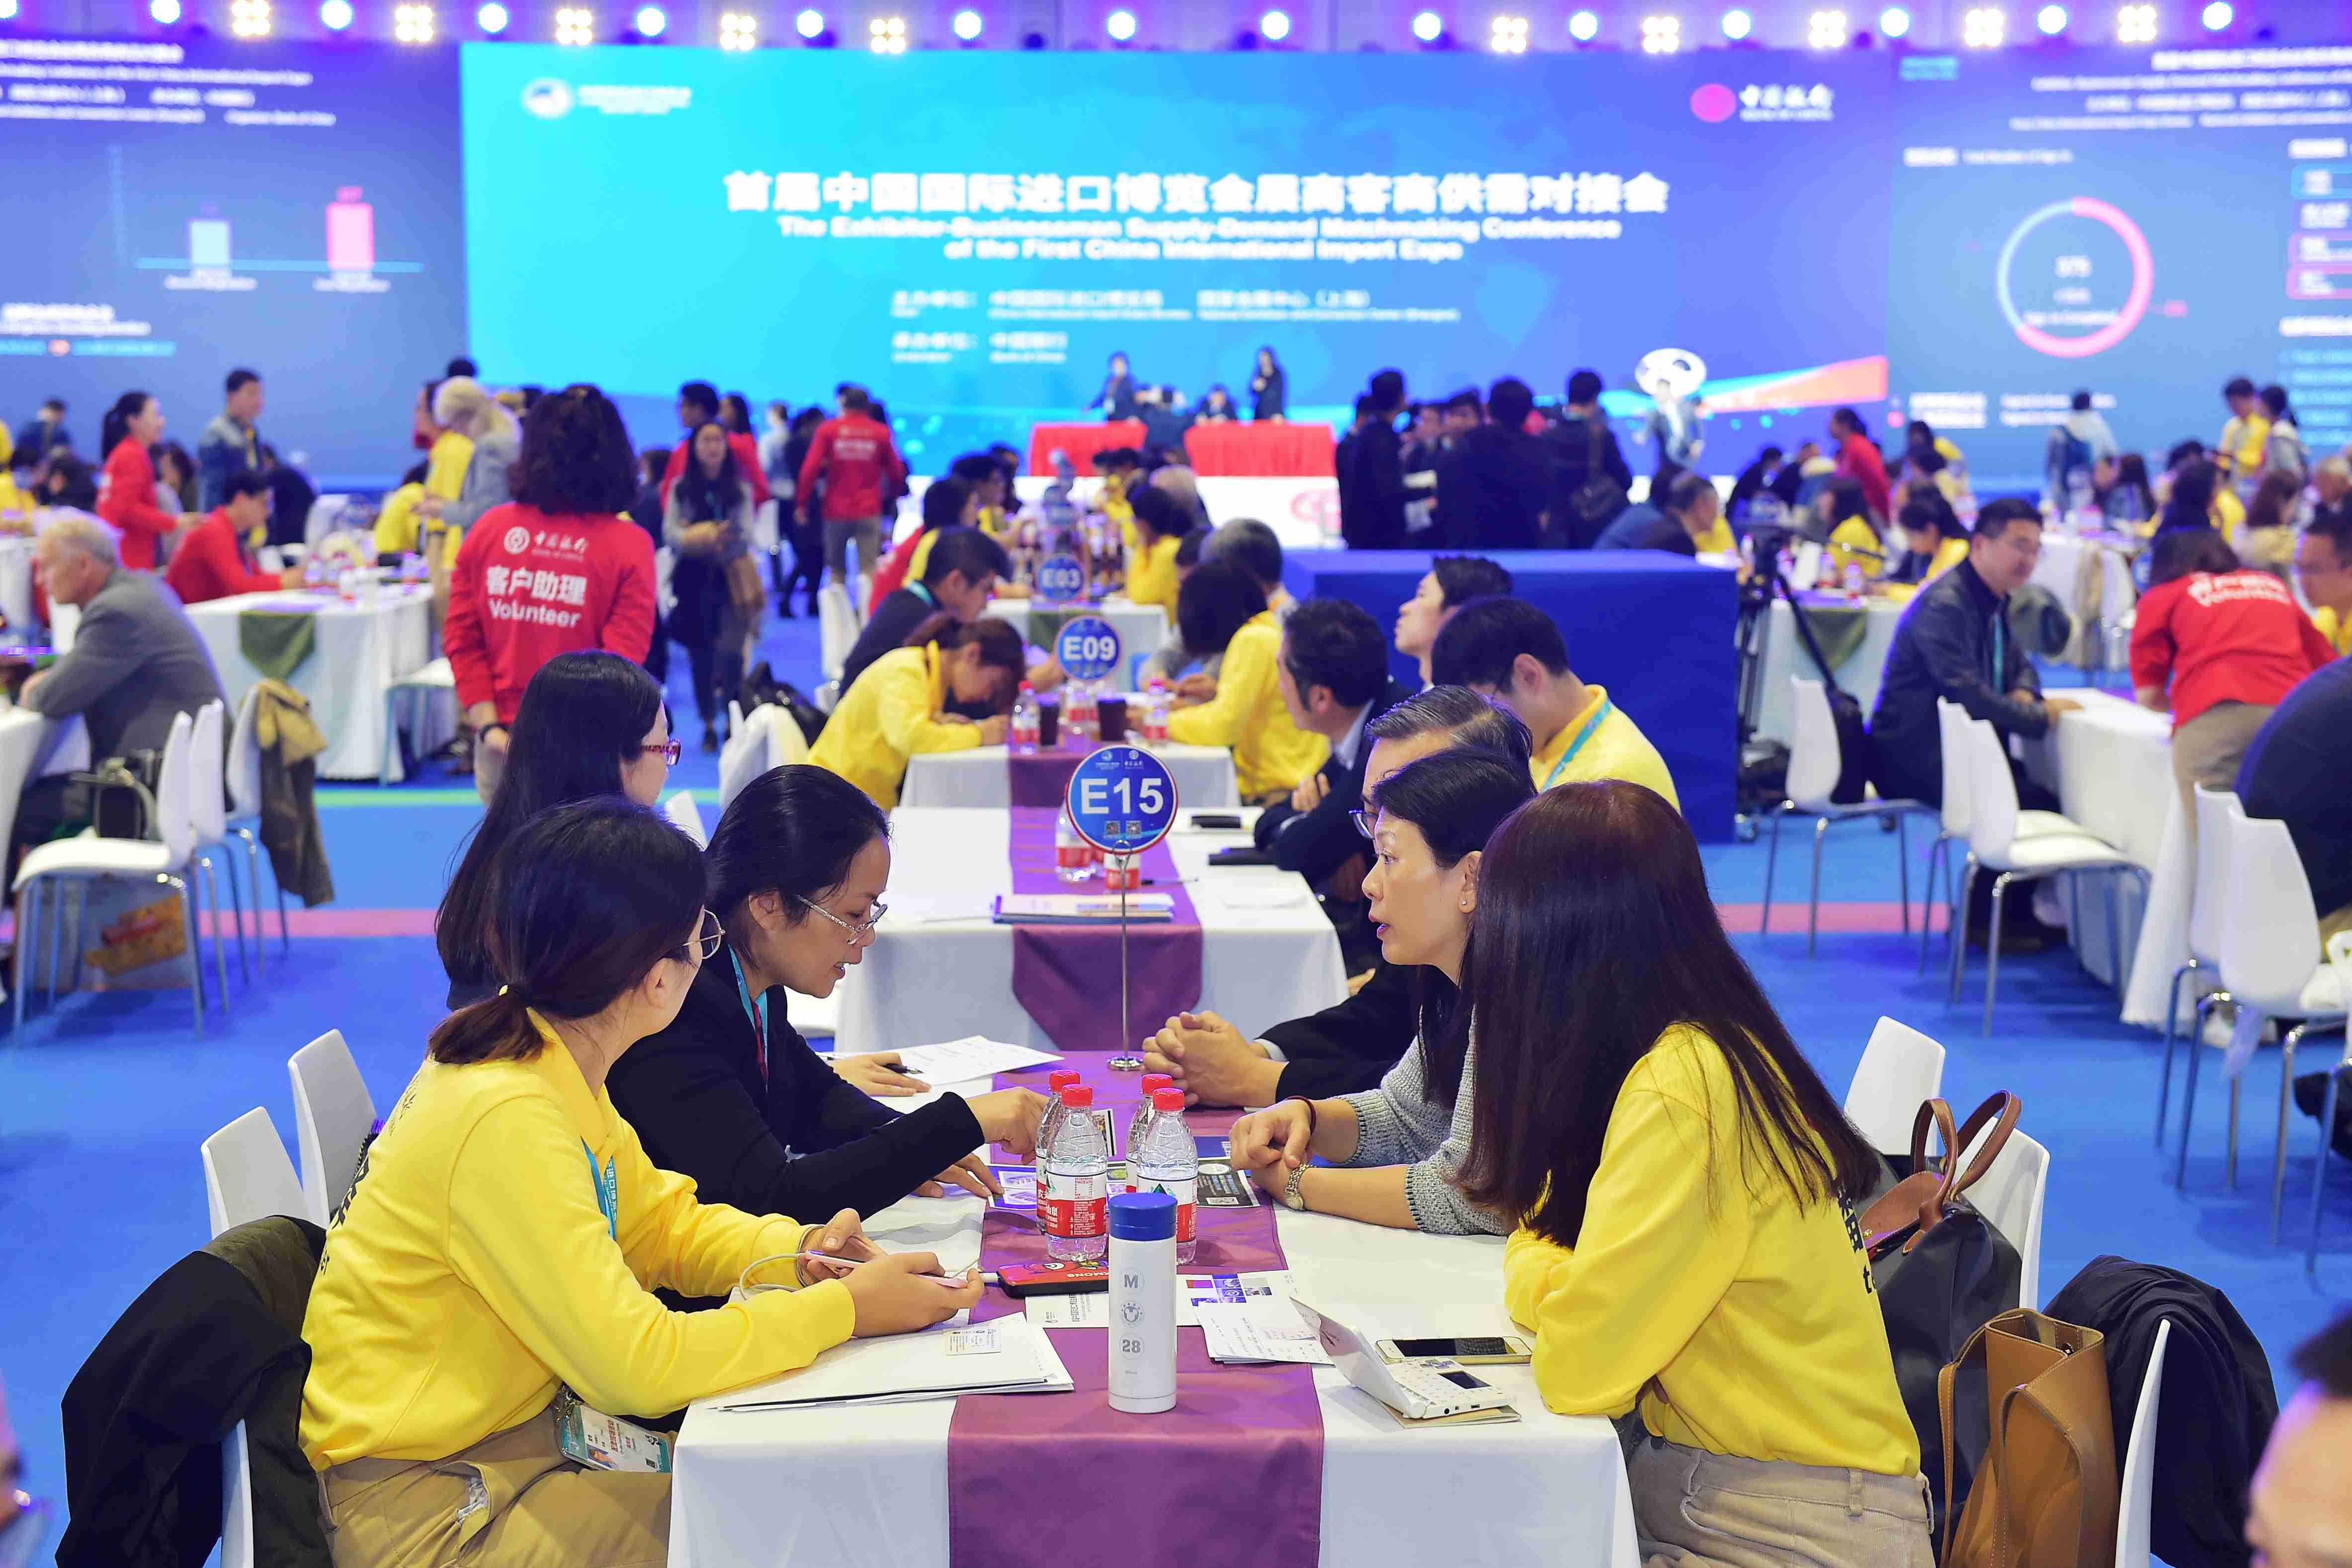 1 ZKS_2379图为进博会展商客商洽谈会现场。当代贵州融媒体记者 张凯 摄.JPG